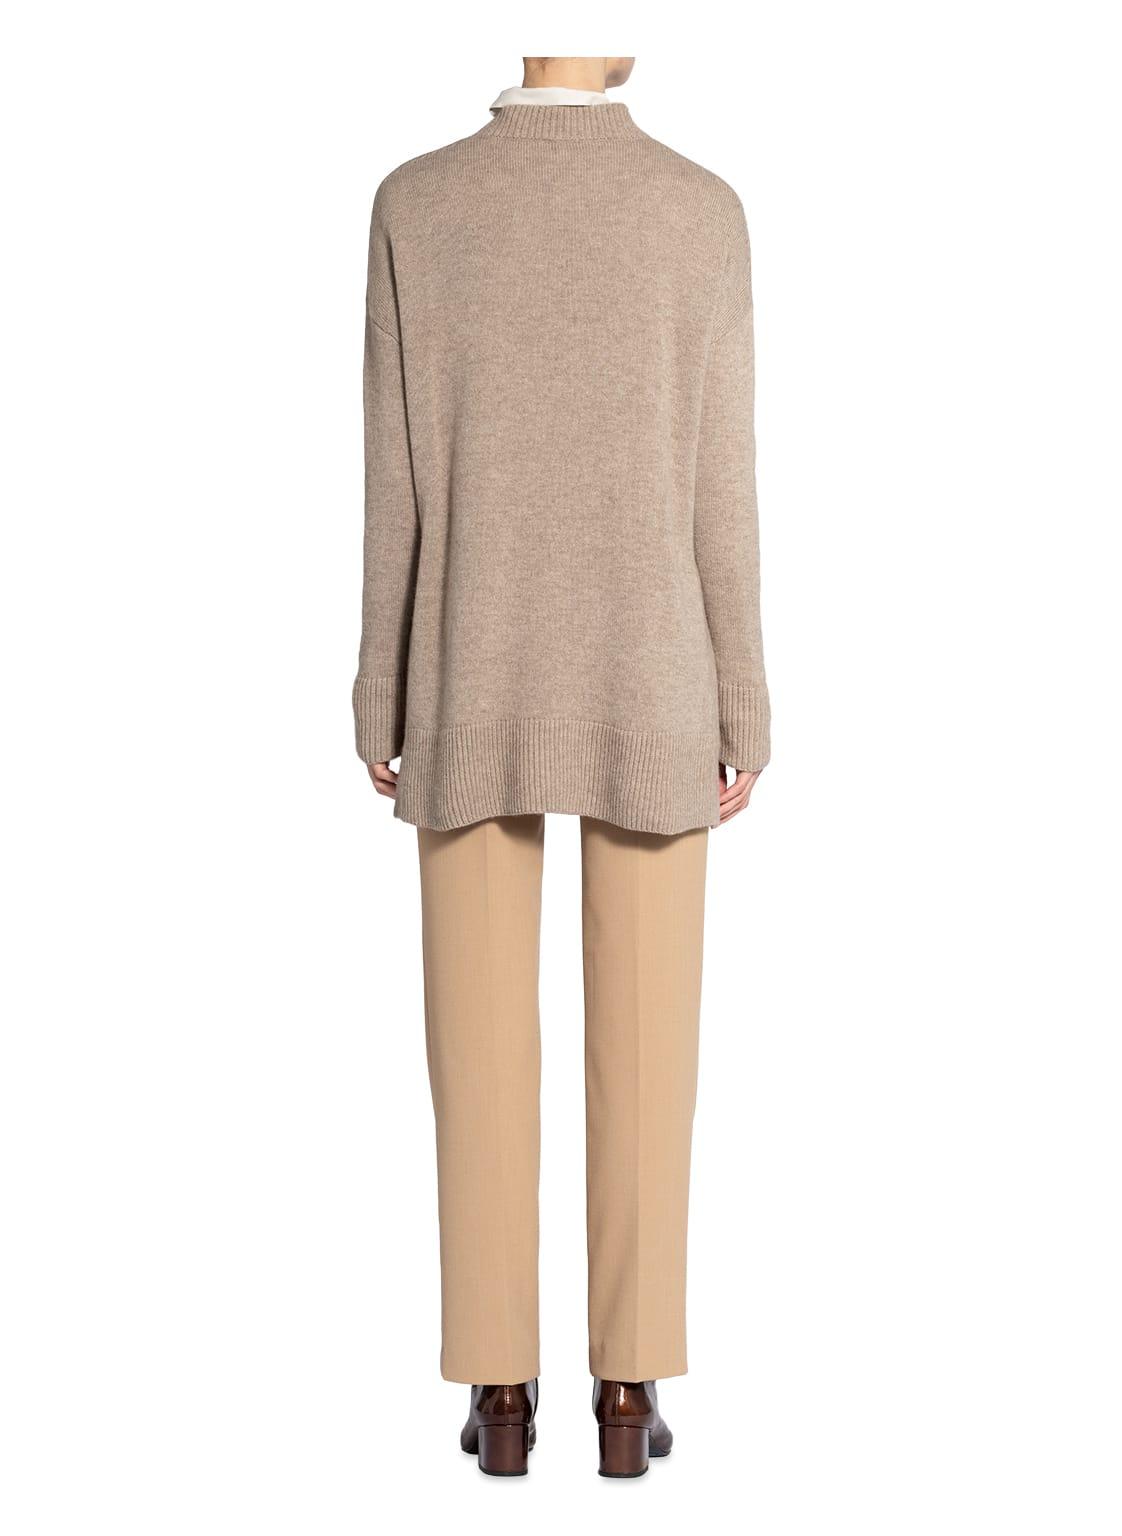 Damen Bekleidung Cashmere-Pullover von FTC CASHMERE